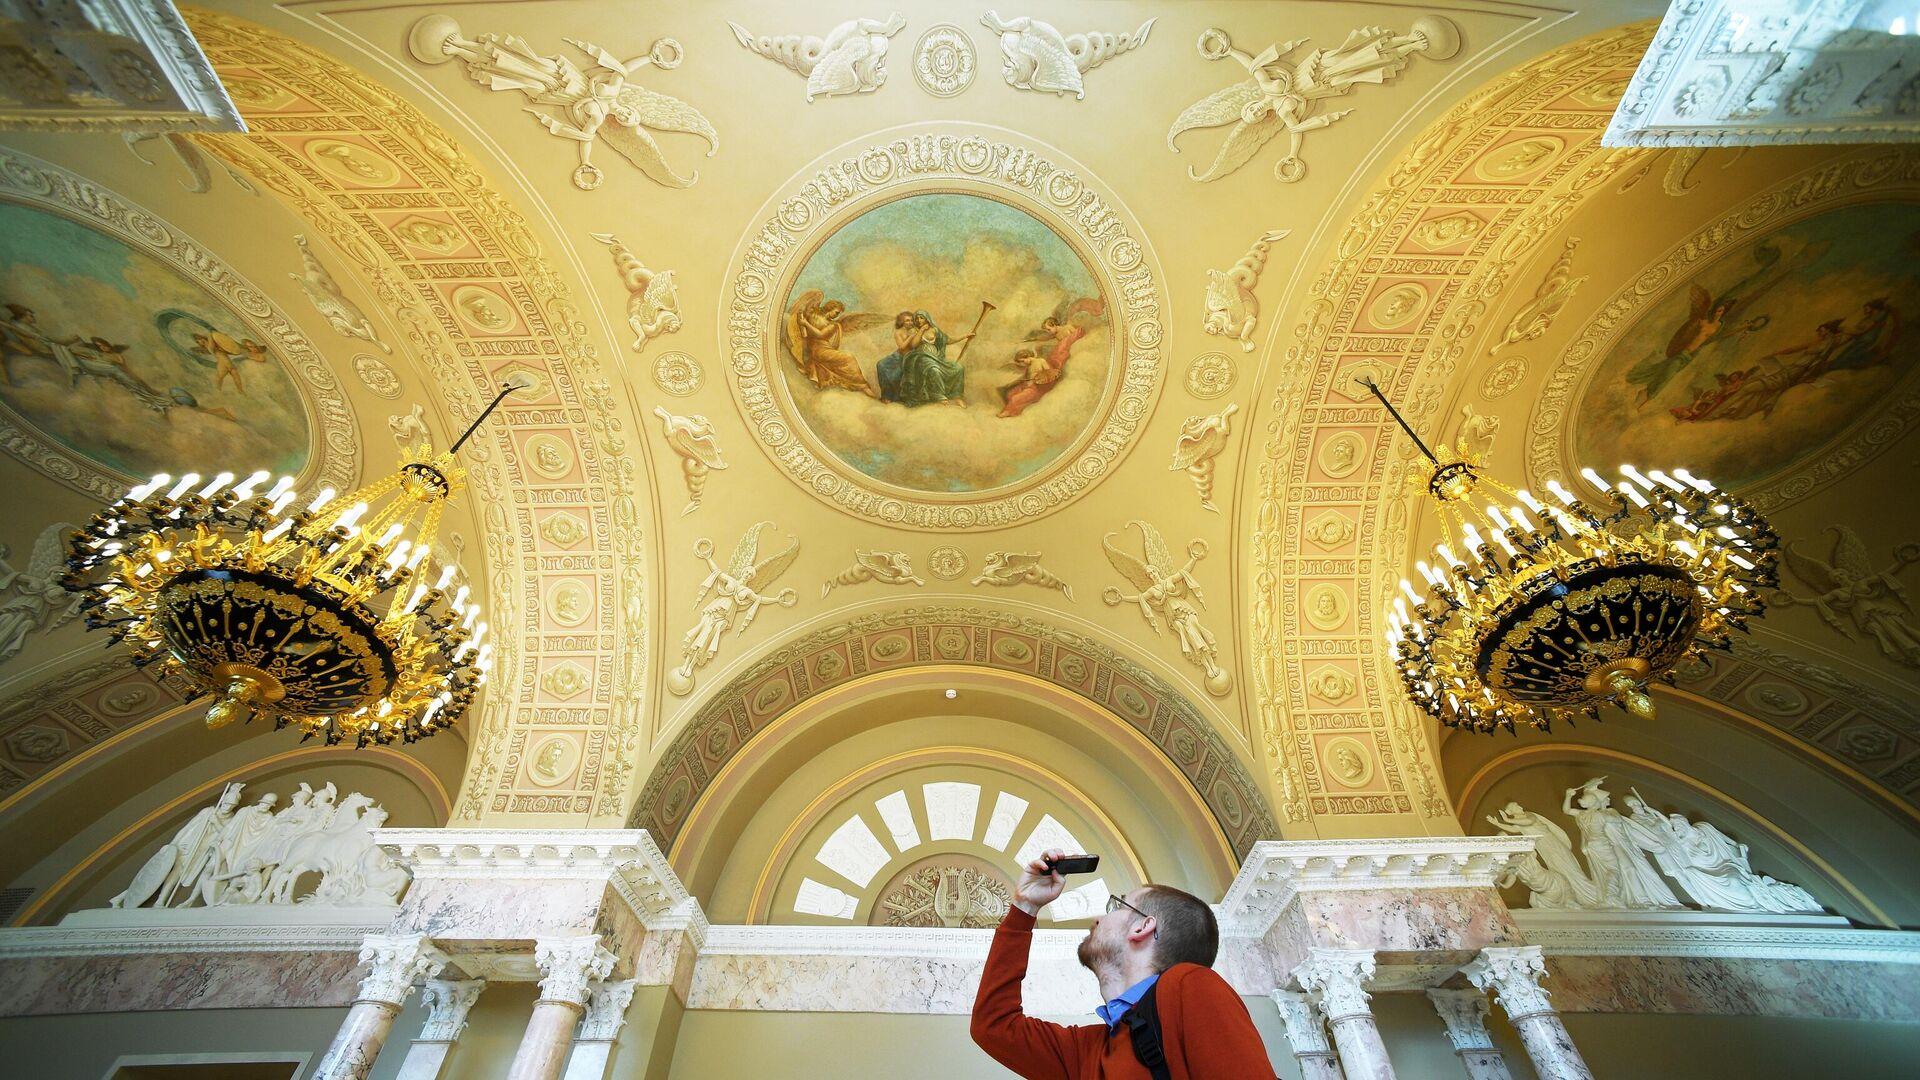 Залы Московского Английского клуба после реставрации - РИА Новости, 1920, 13.09.2019